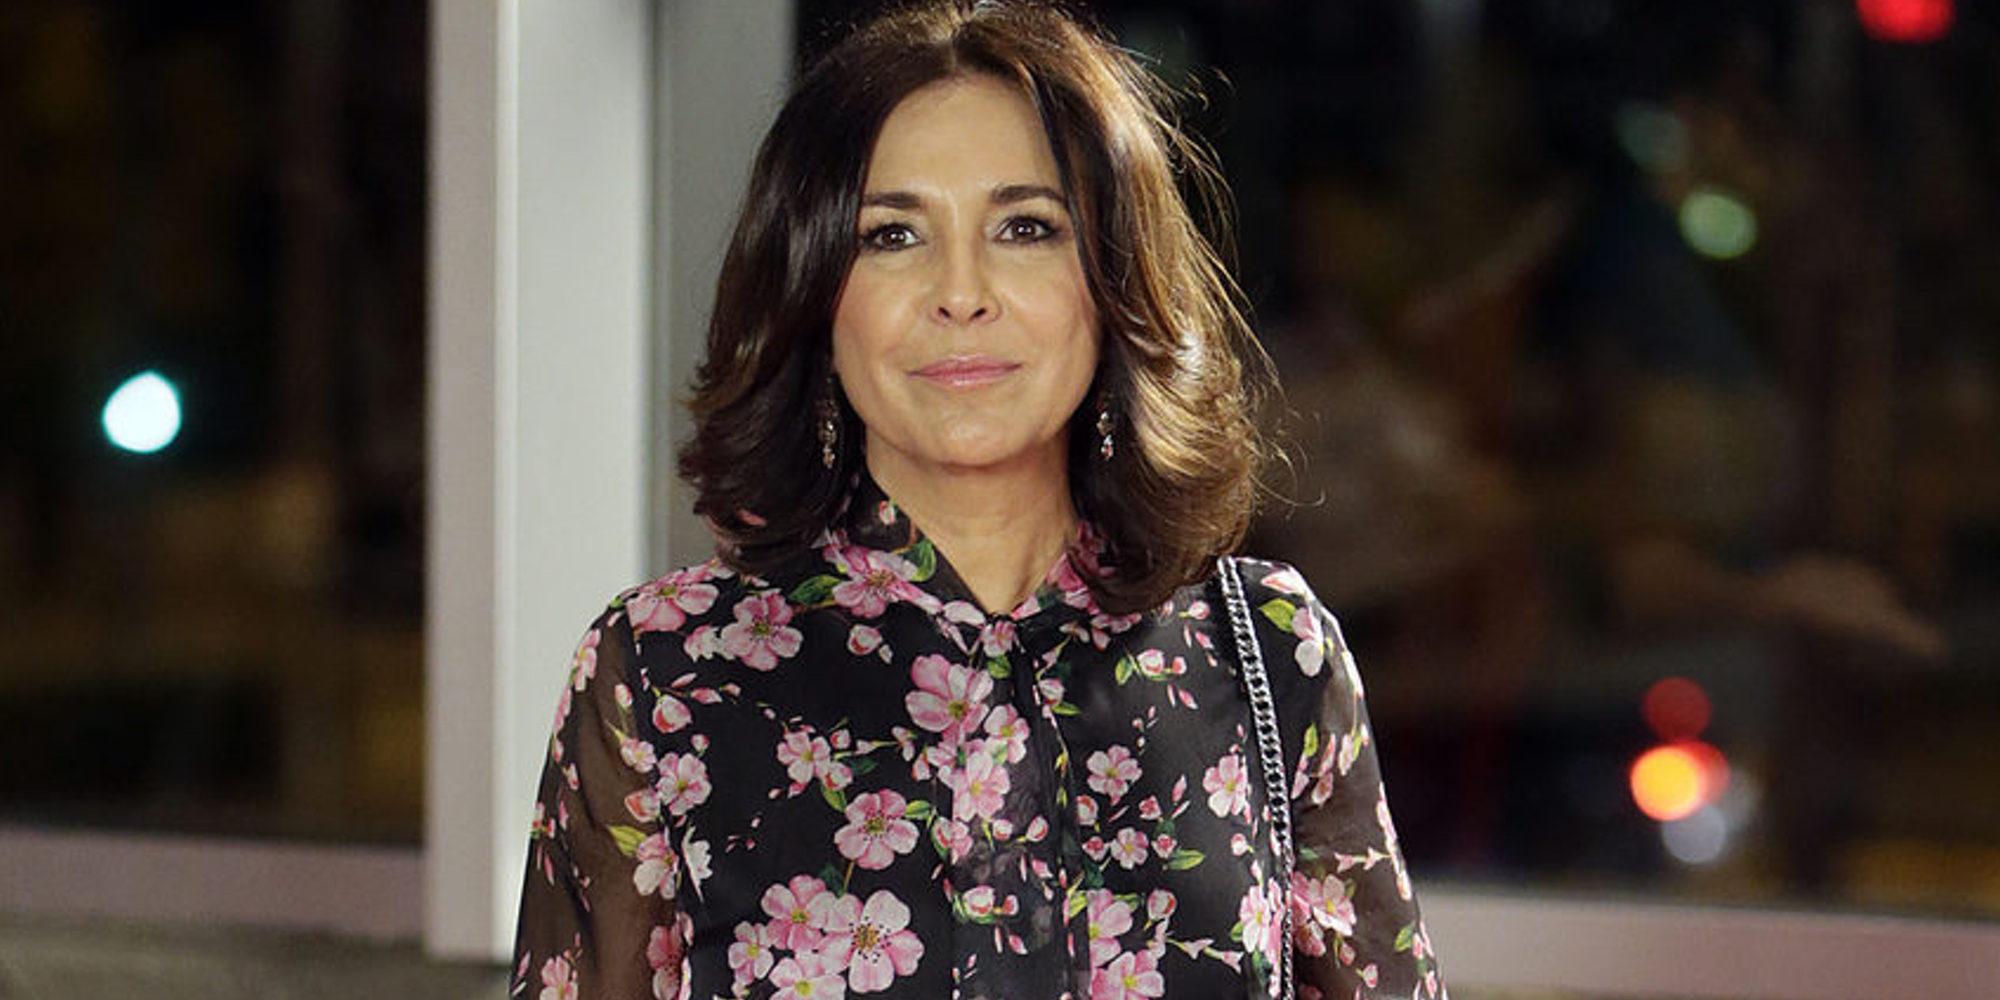 """Isabel Gemio tras su próximo 'adiós' radiofónico: """"Va a ser emotivo y difícil porque me gusta lo que hacía"""""""